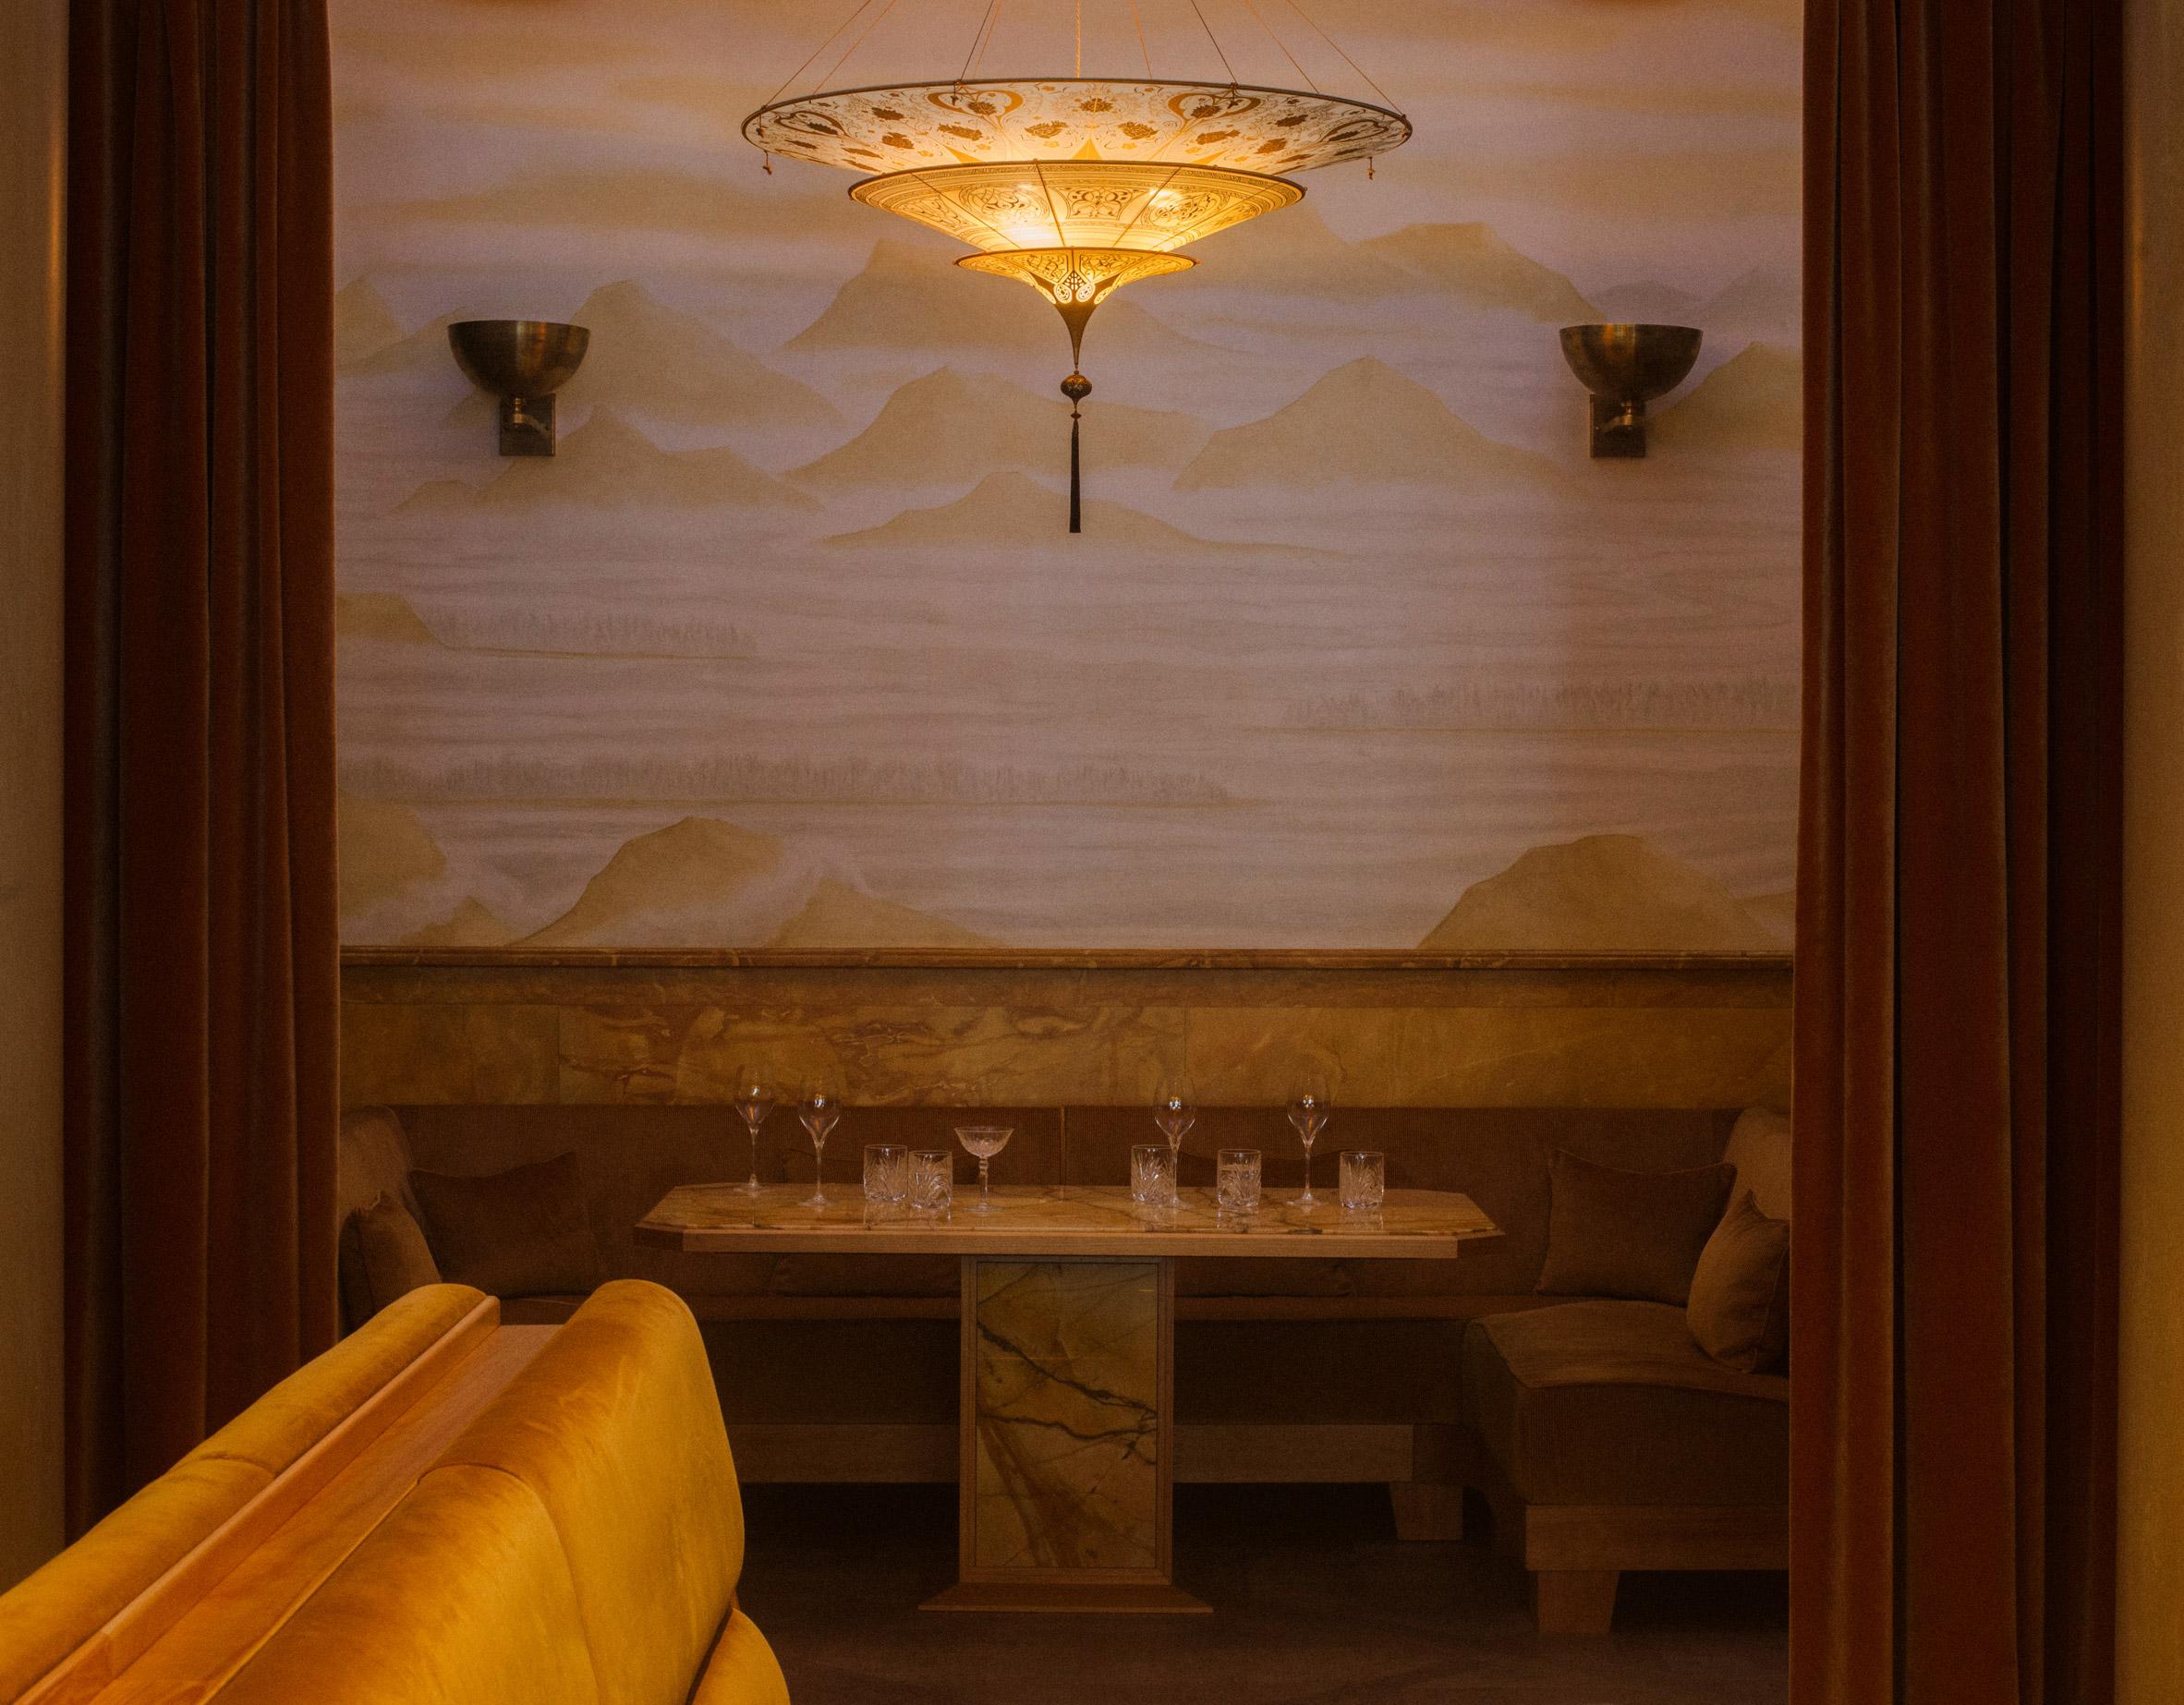 Thiết kế nội thất nhà hàng đèn treo tường